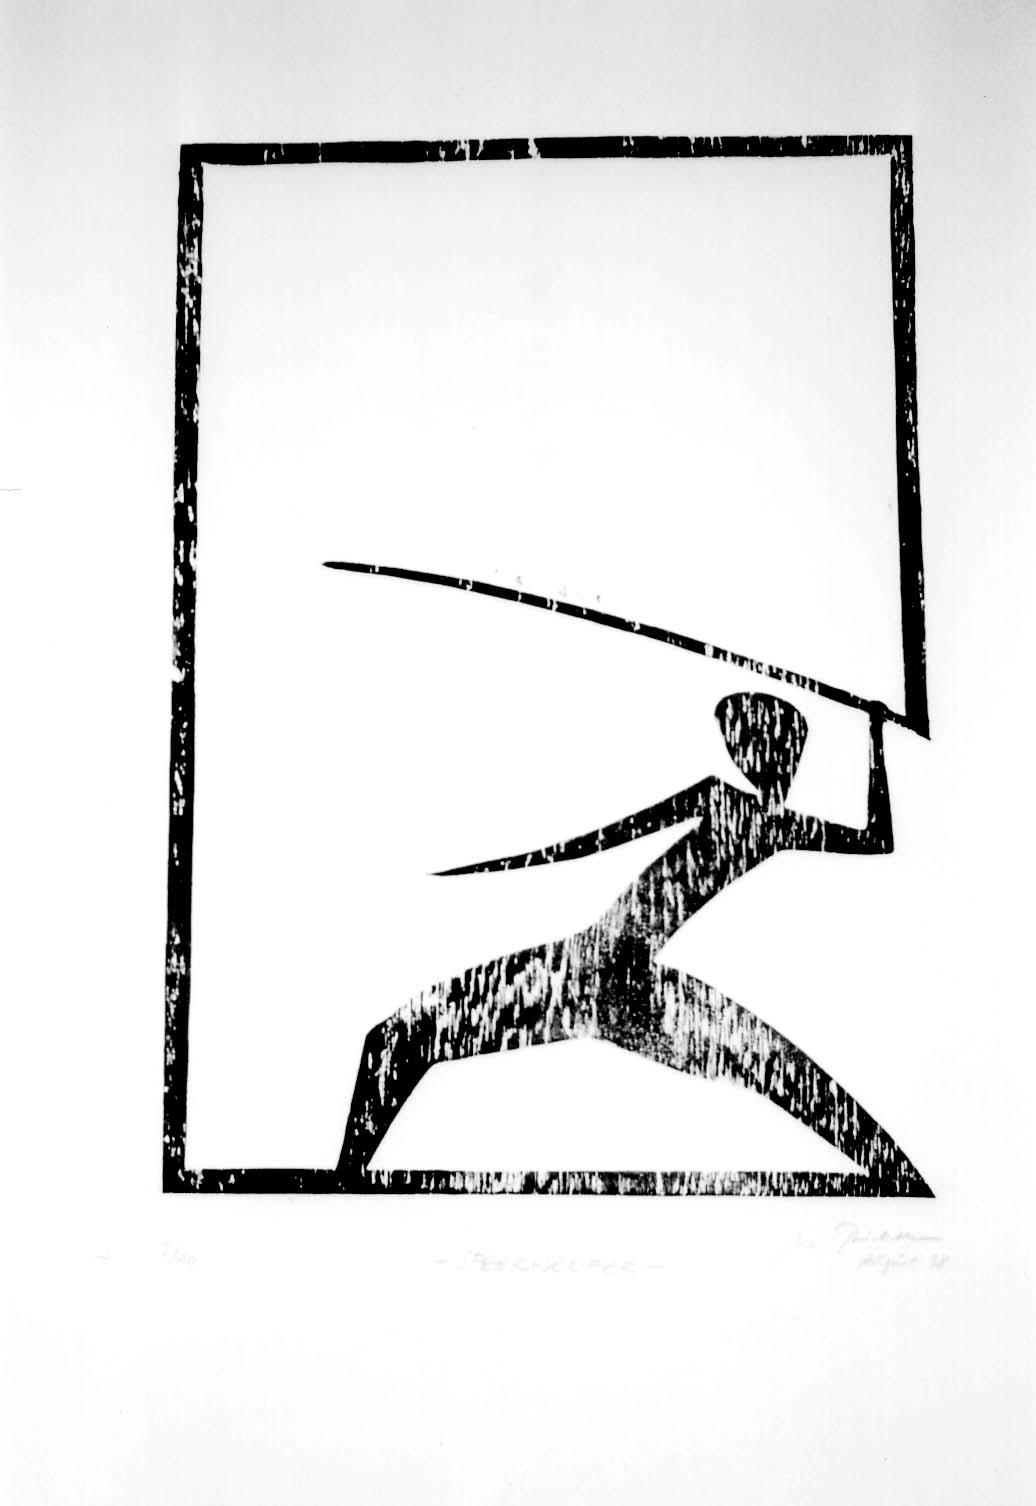 Speerwerfer